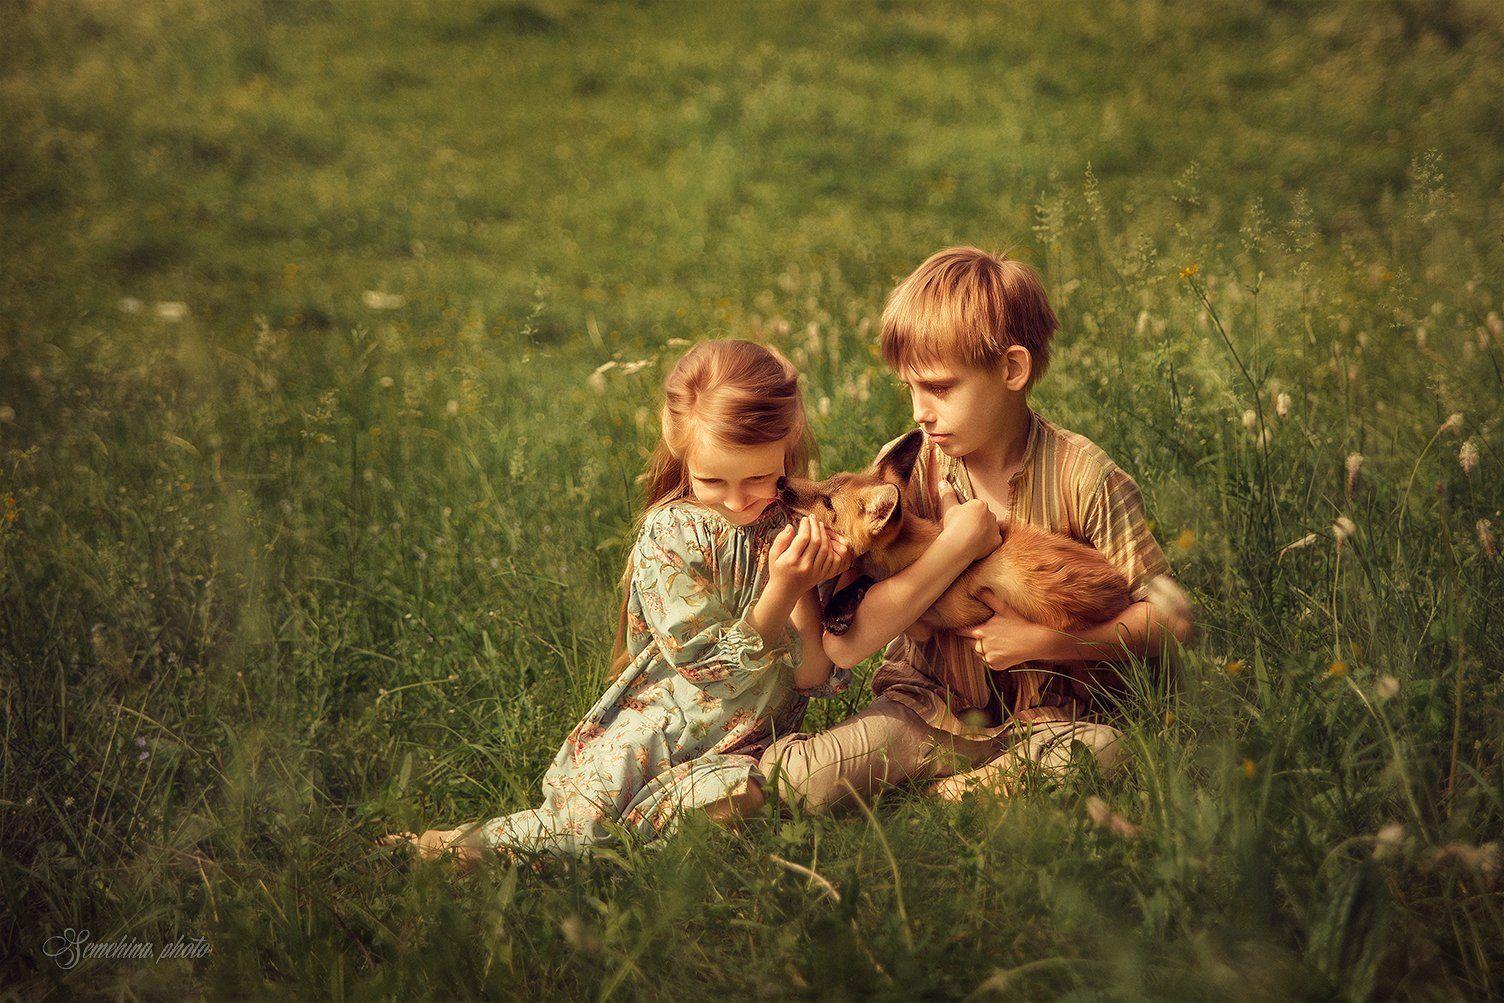 дети, лис, лиса, поле, лето, детское фото, портрет, children, child, fox, summer, field, green, Марина Семёхина